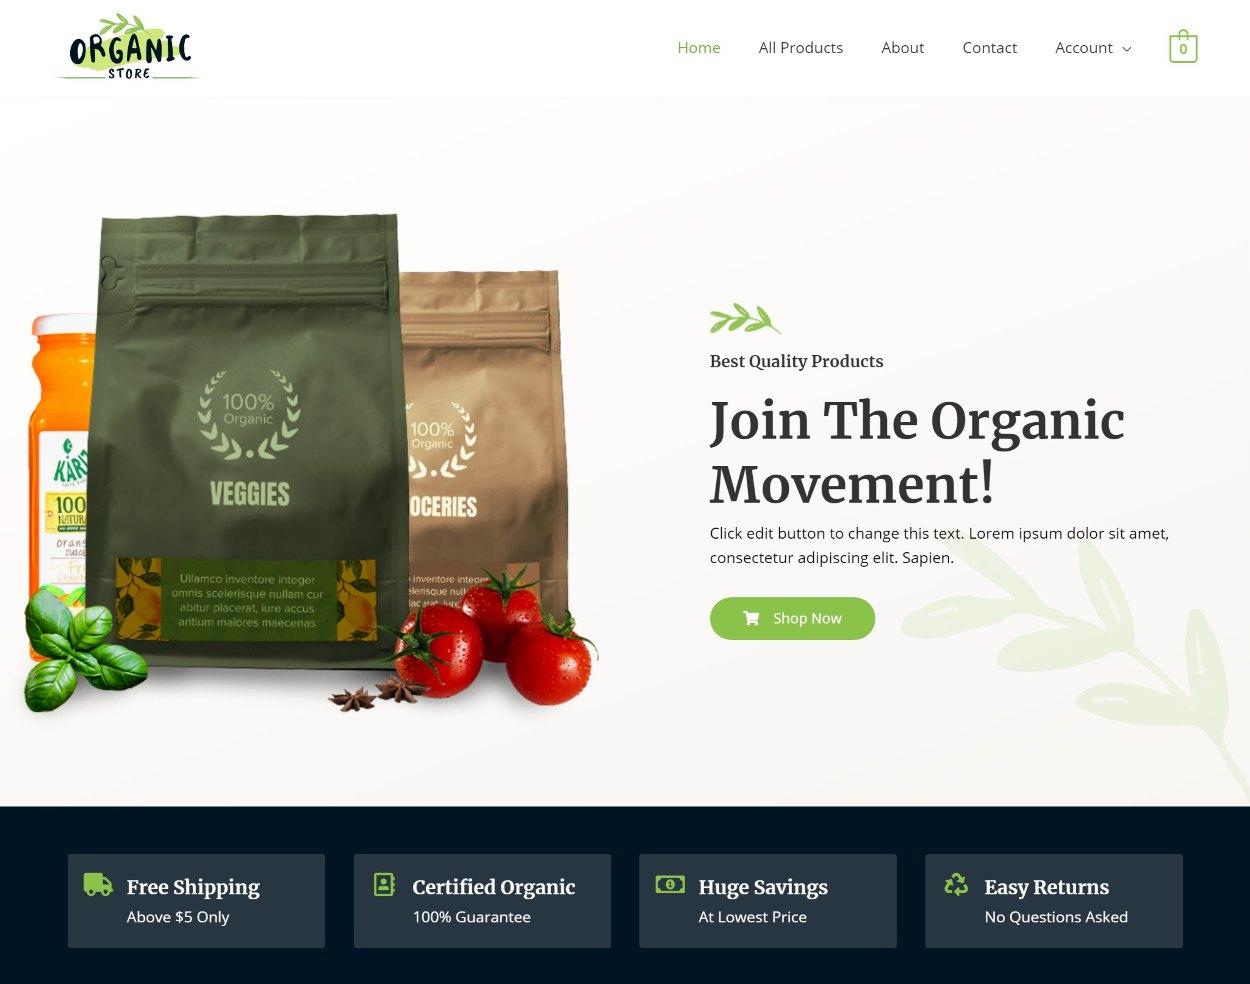 Organic Store demo